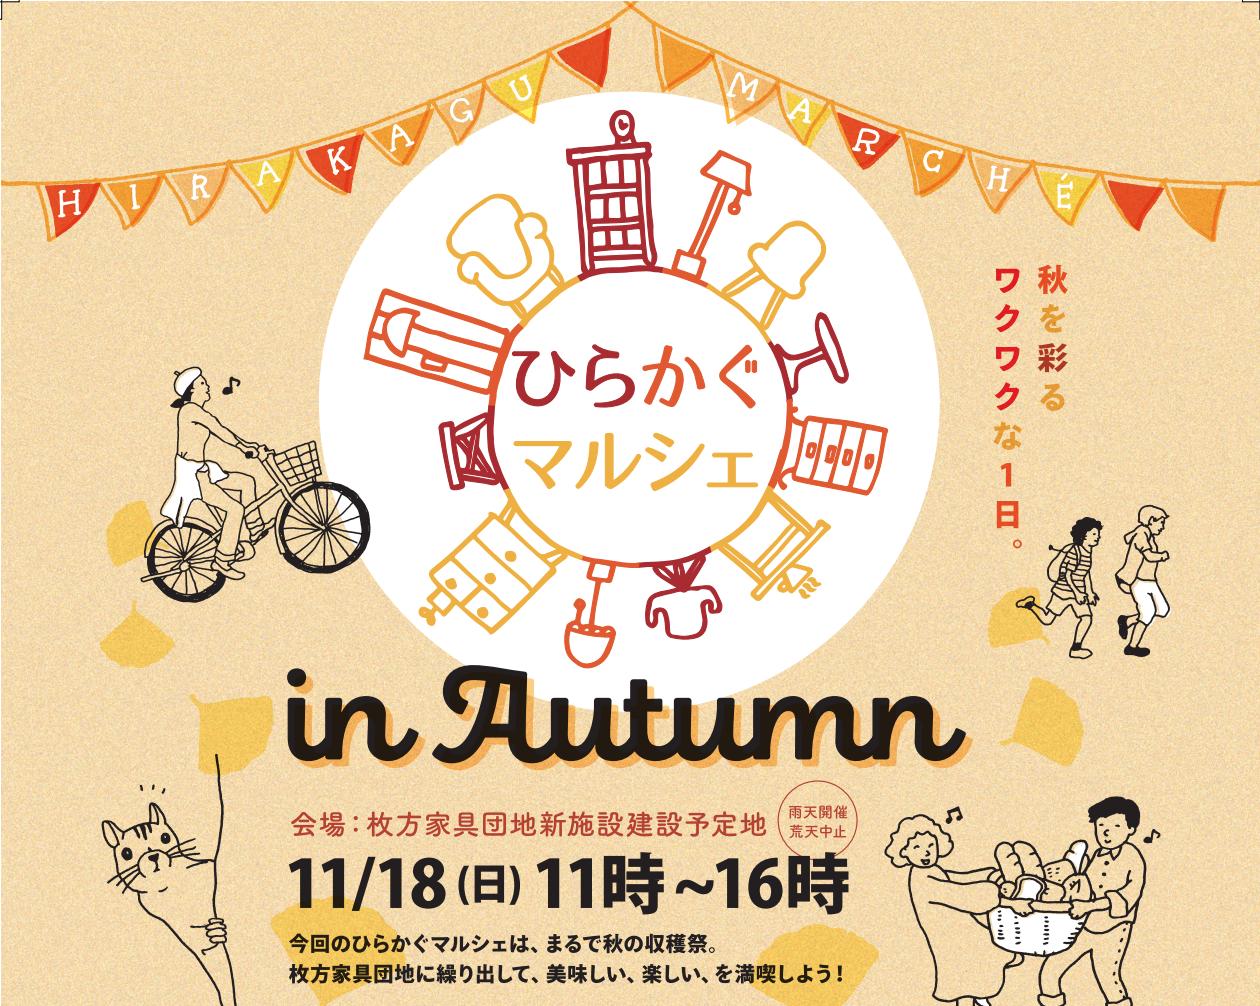 11月18日開催!「ひらかぐマルシェ in Autumn」続報!!【フツーnoお母さんがお伝…